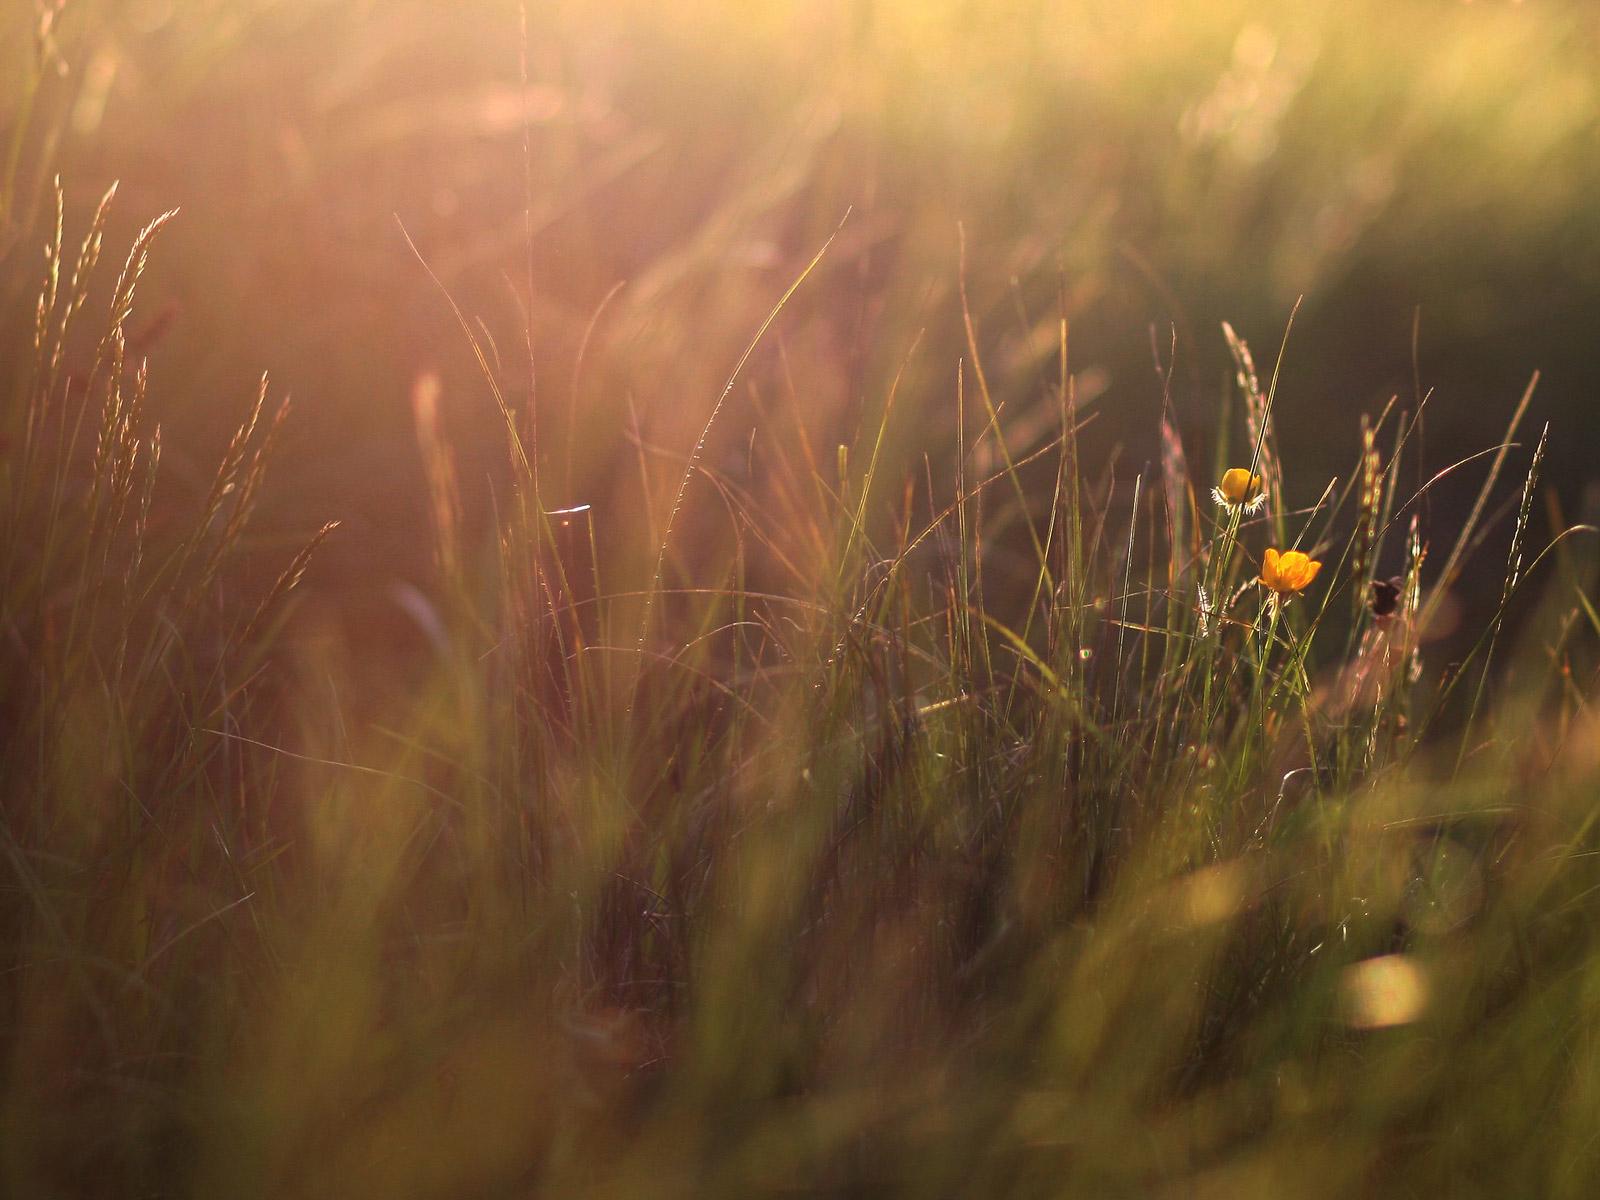 fondo_hd_43_hierbas_flores_luz_sol.jpg